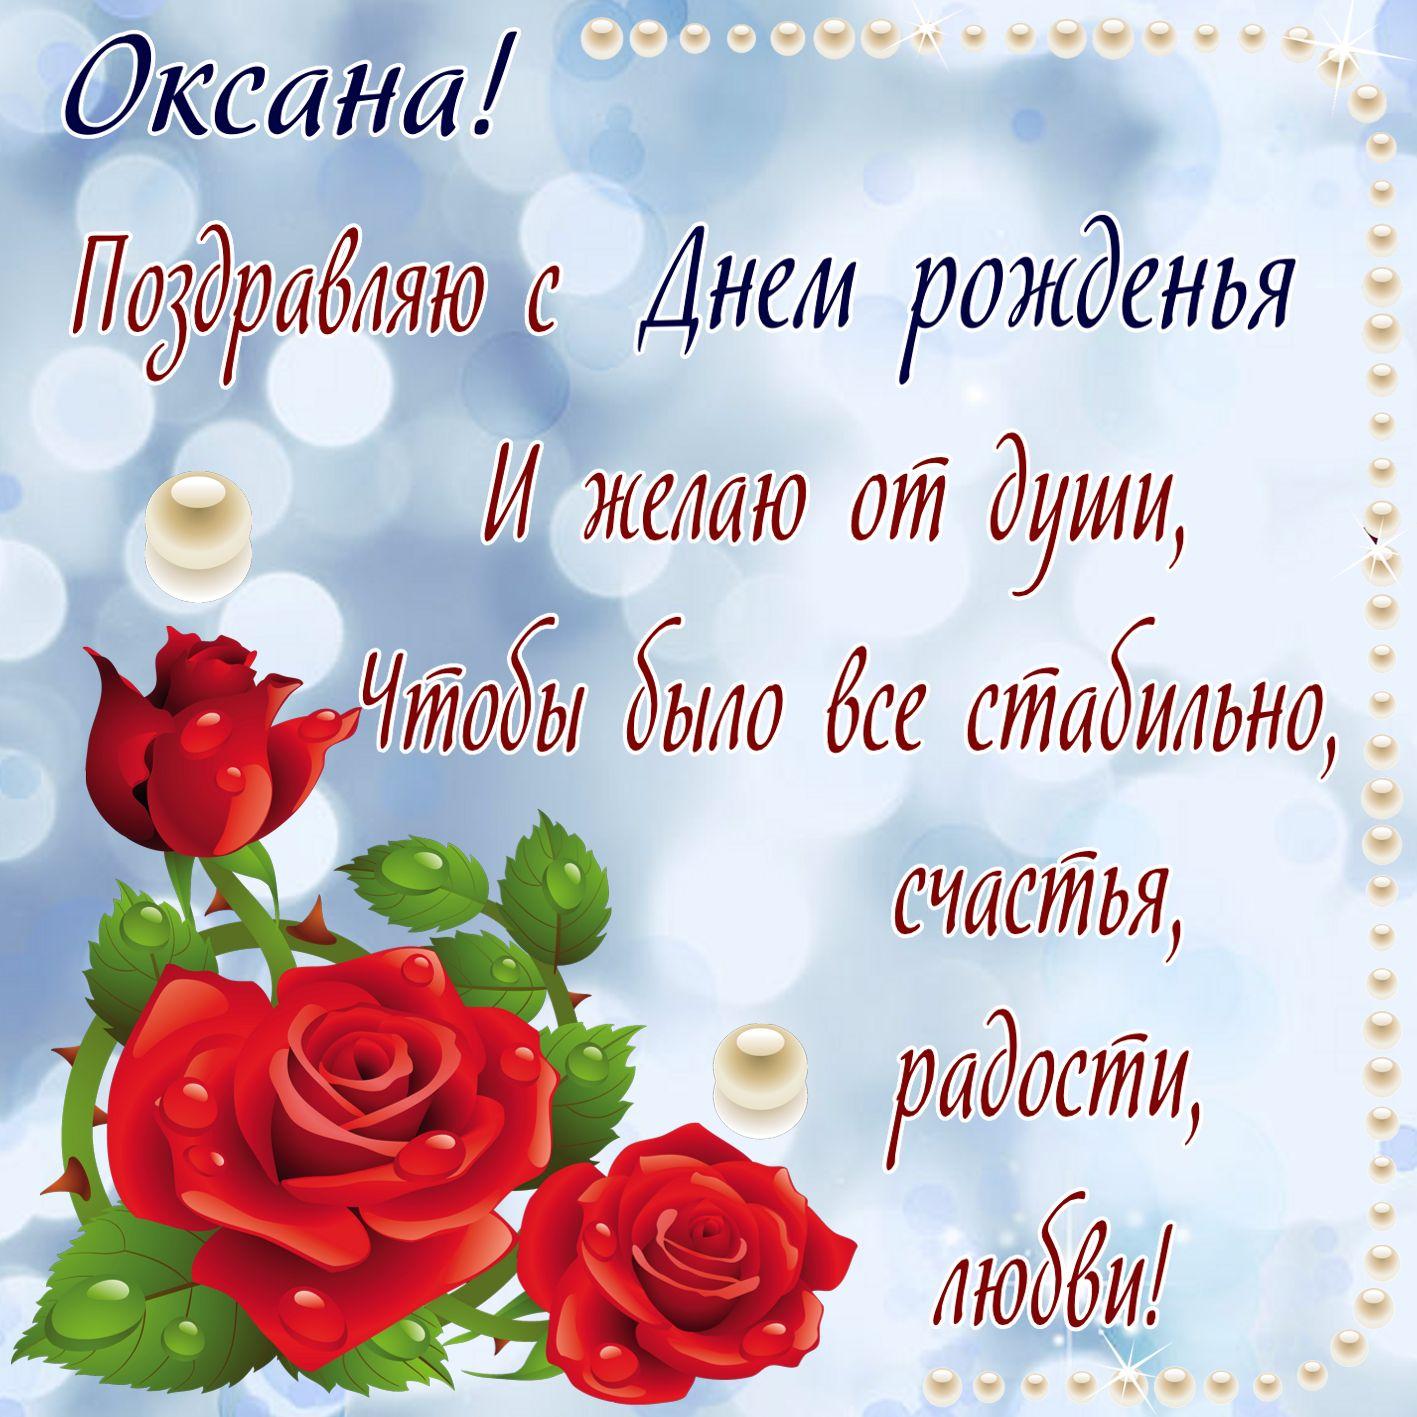 Красная роза Оксане на День рождения